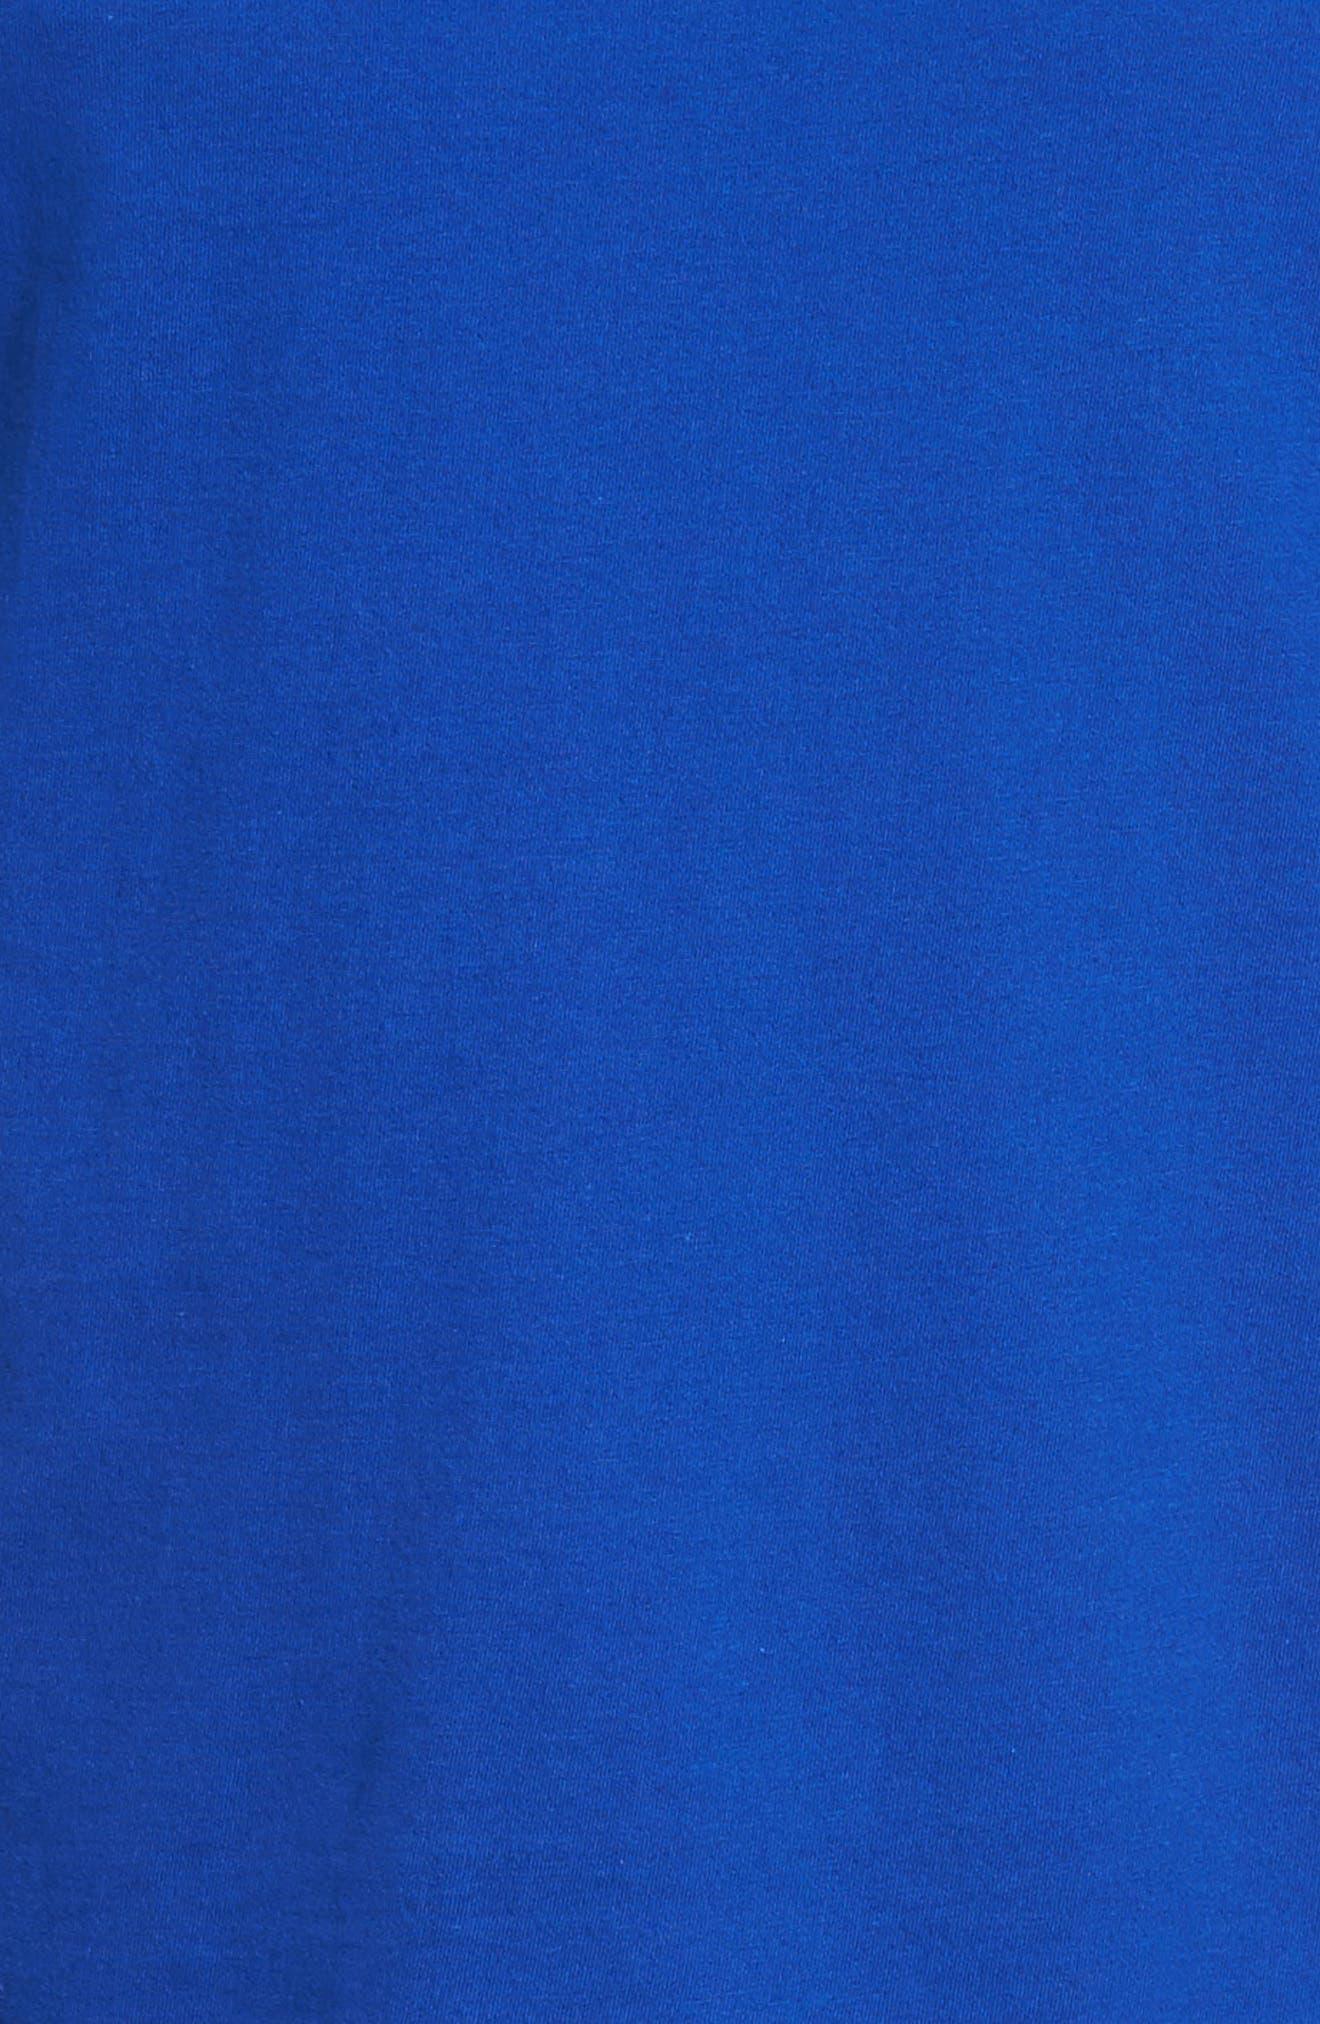 3-Pack Crewneck Cotton T-Shirts,                             Alternate thumbnail 5, color,                             001